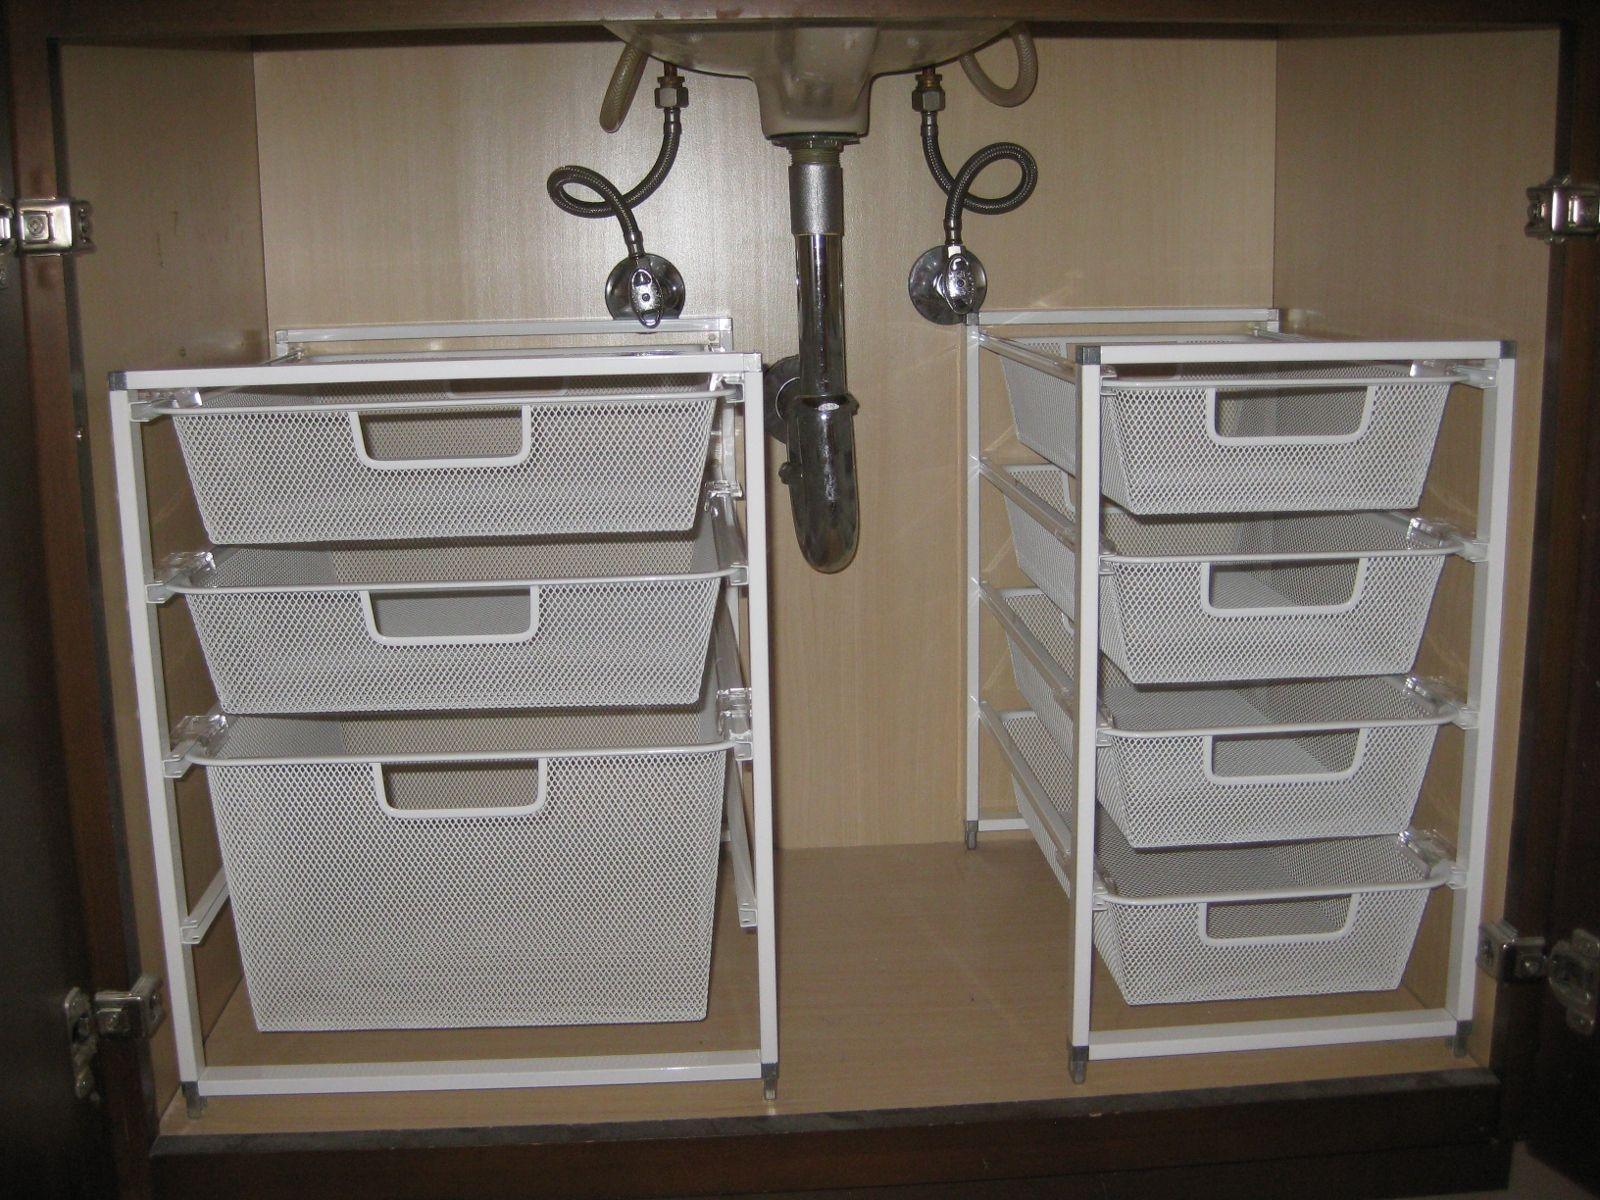 organizing under the bathroom sink under sink storage super smart ways to  organize the space under . organizing under the bathroom sink ...